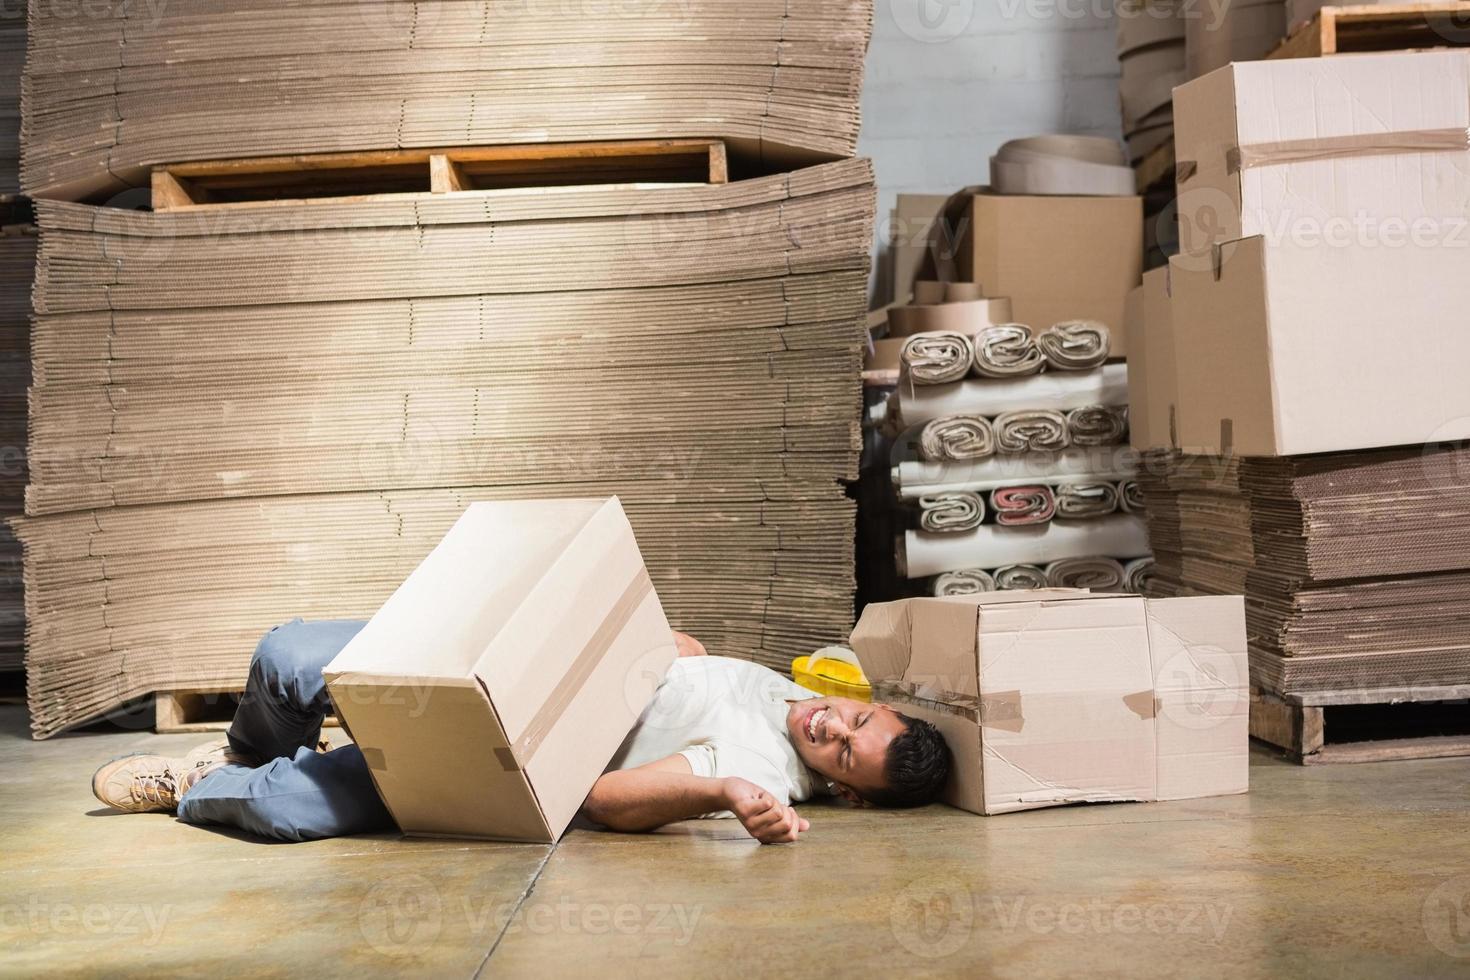 travailleur allongé sur le sol photo